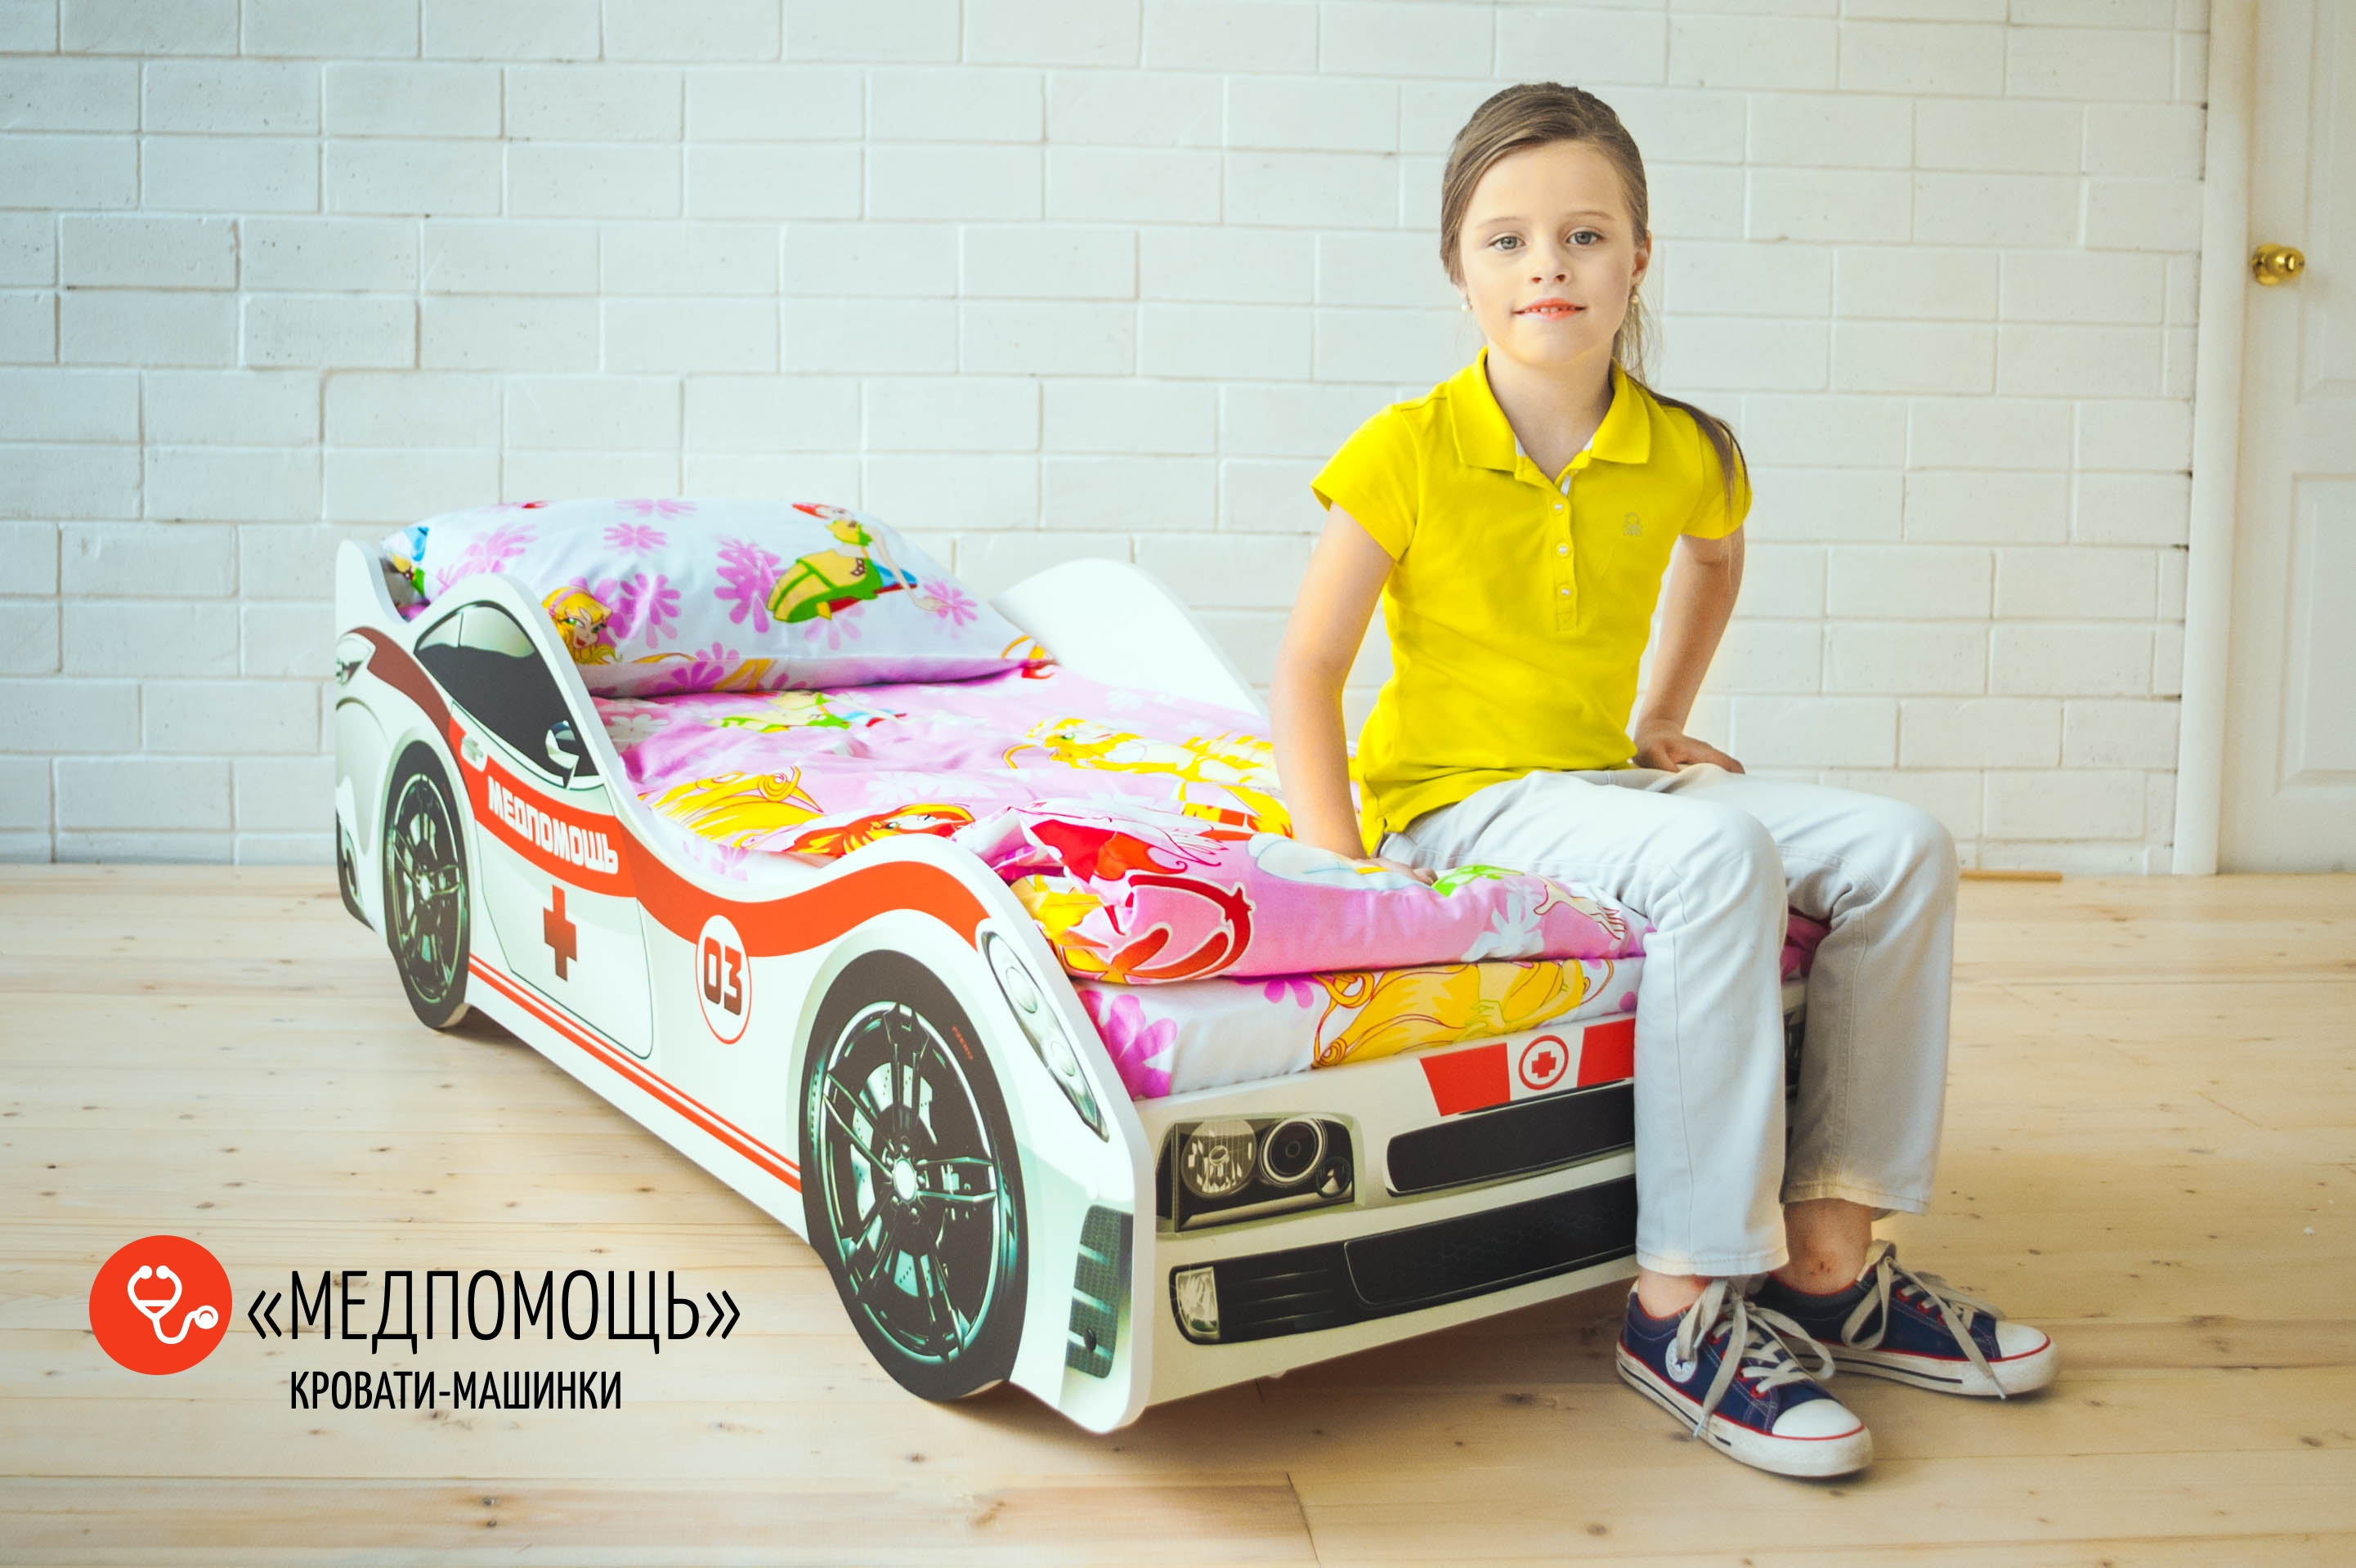 Детская кровать-машина -Медпомощь-2